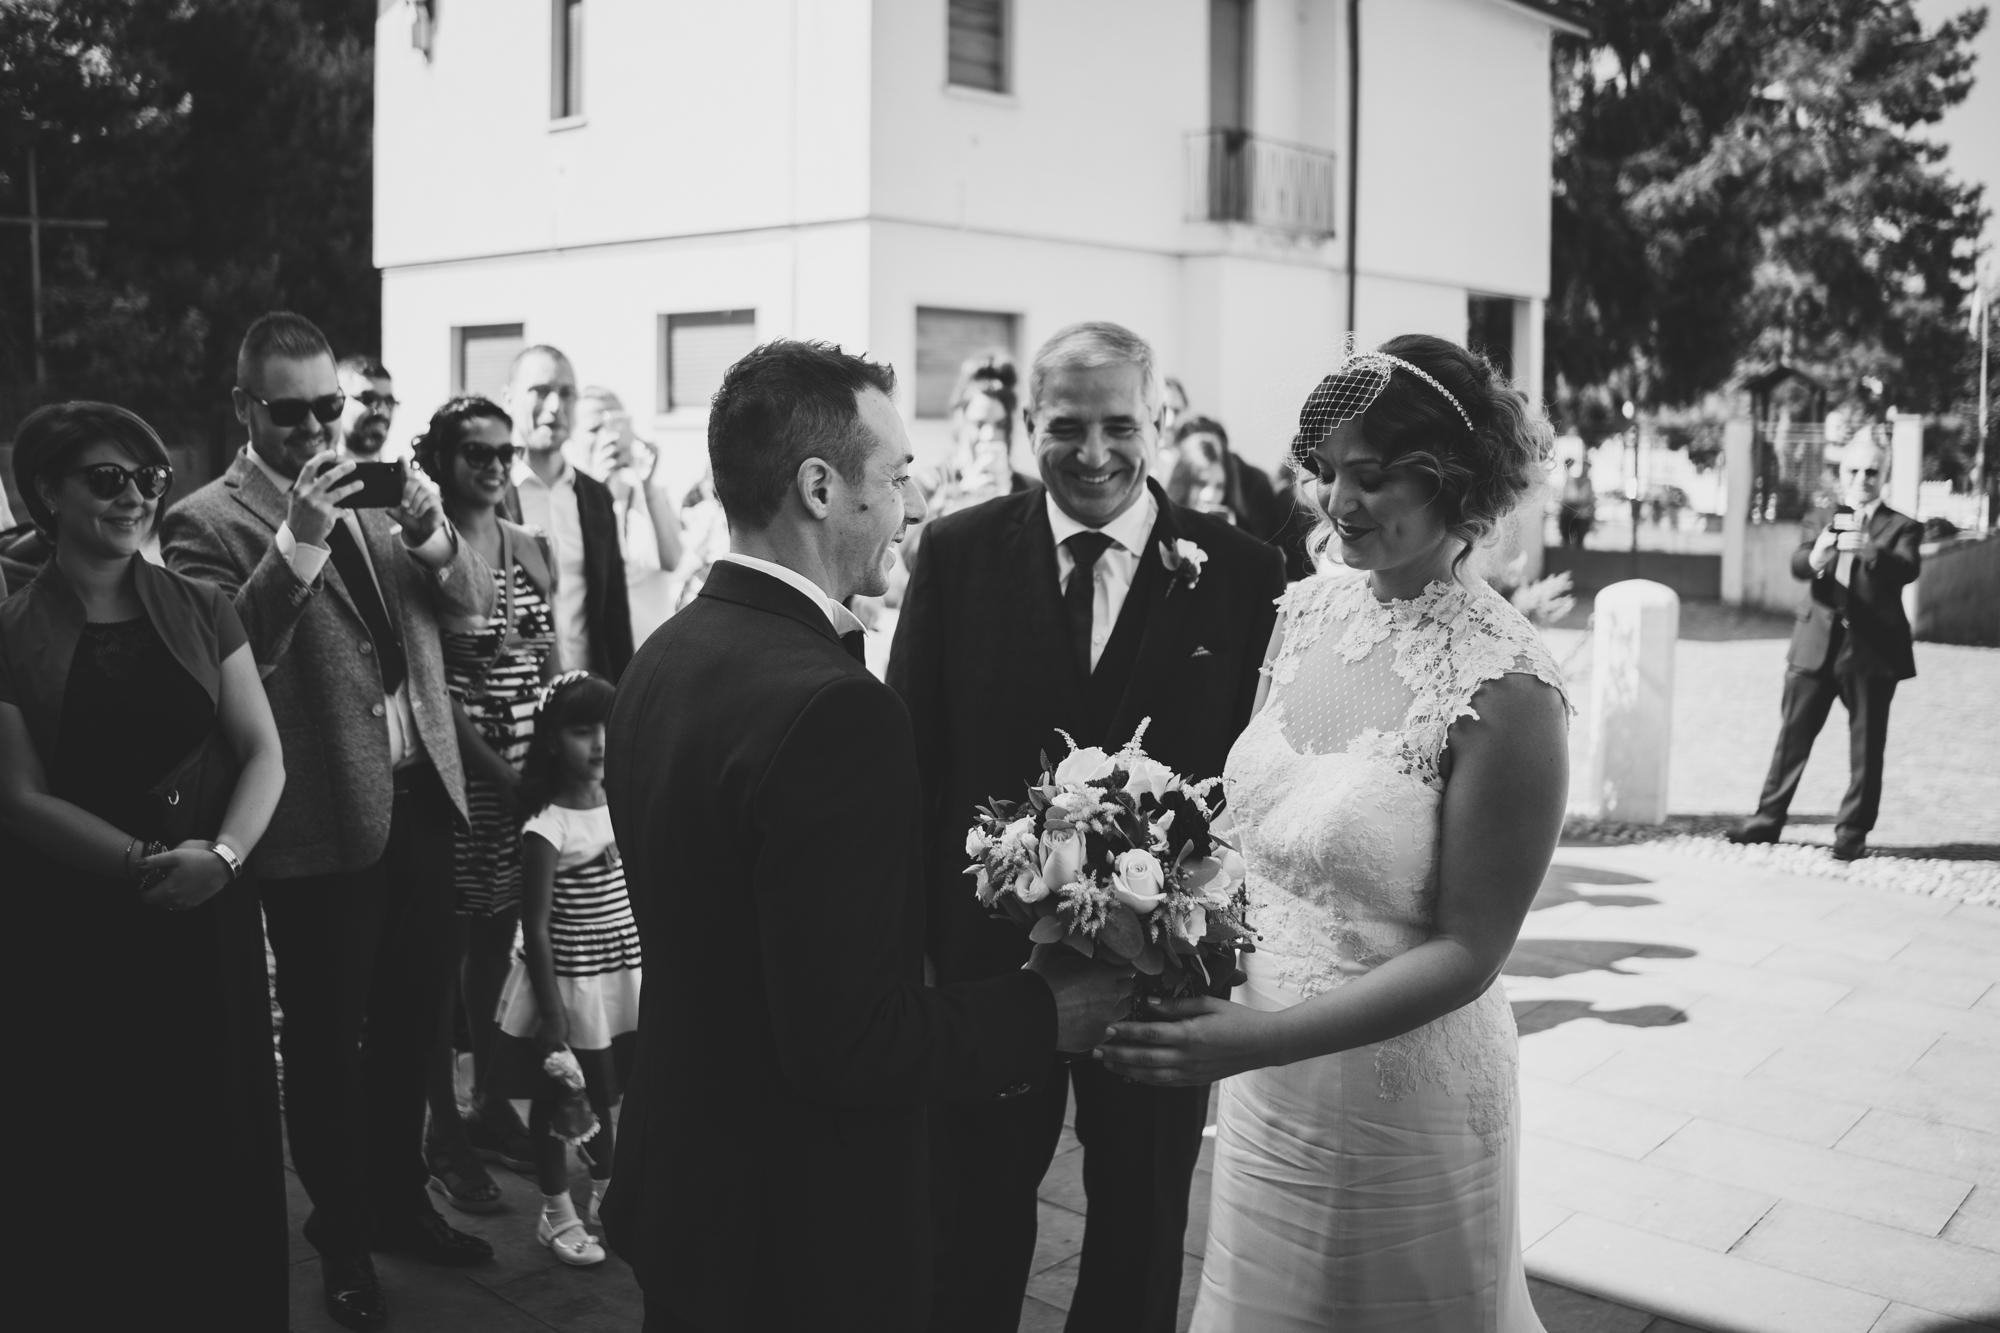 fotografo matrimonio Brescia Helenia e Lorenzo reportage di matrimonio-24